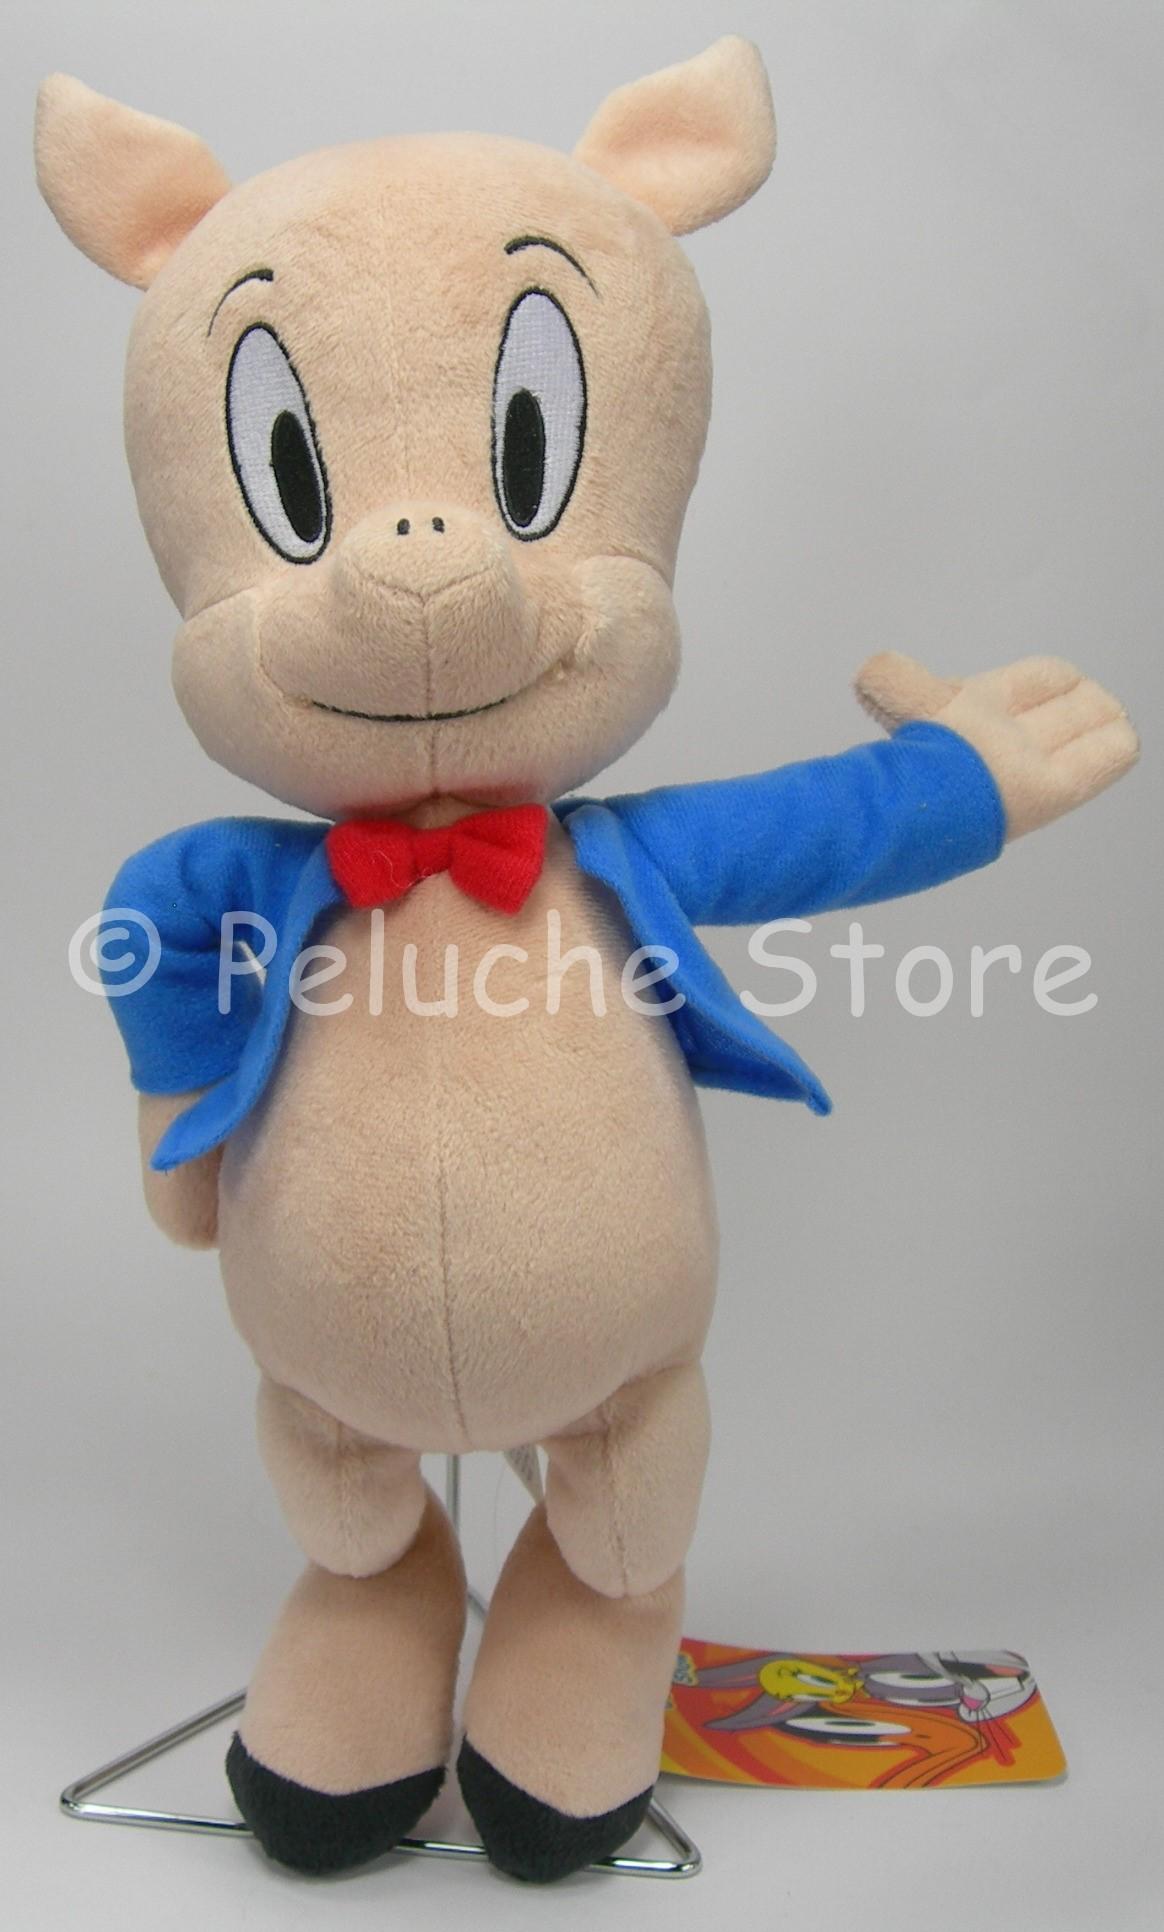 Looney Tunes Porky Pig peluche 35 cm Qualità velluto Maialino Originale